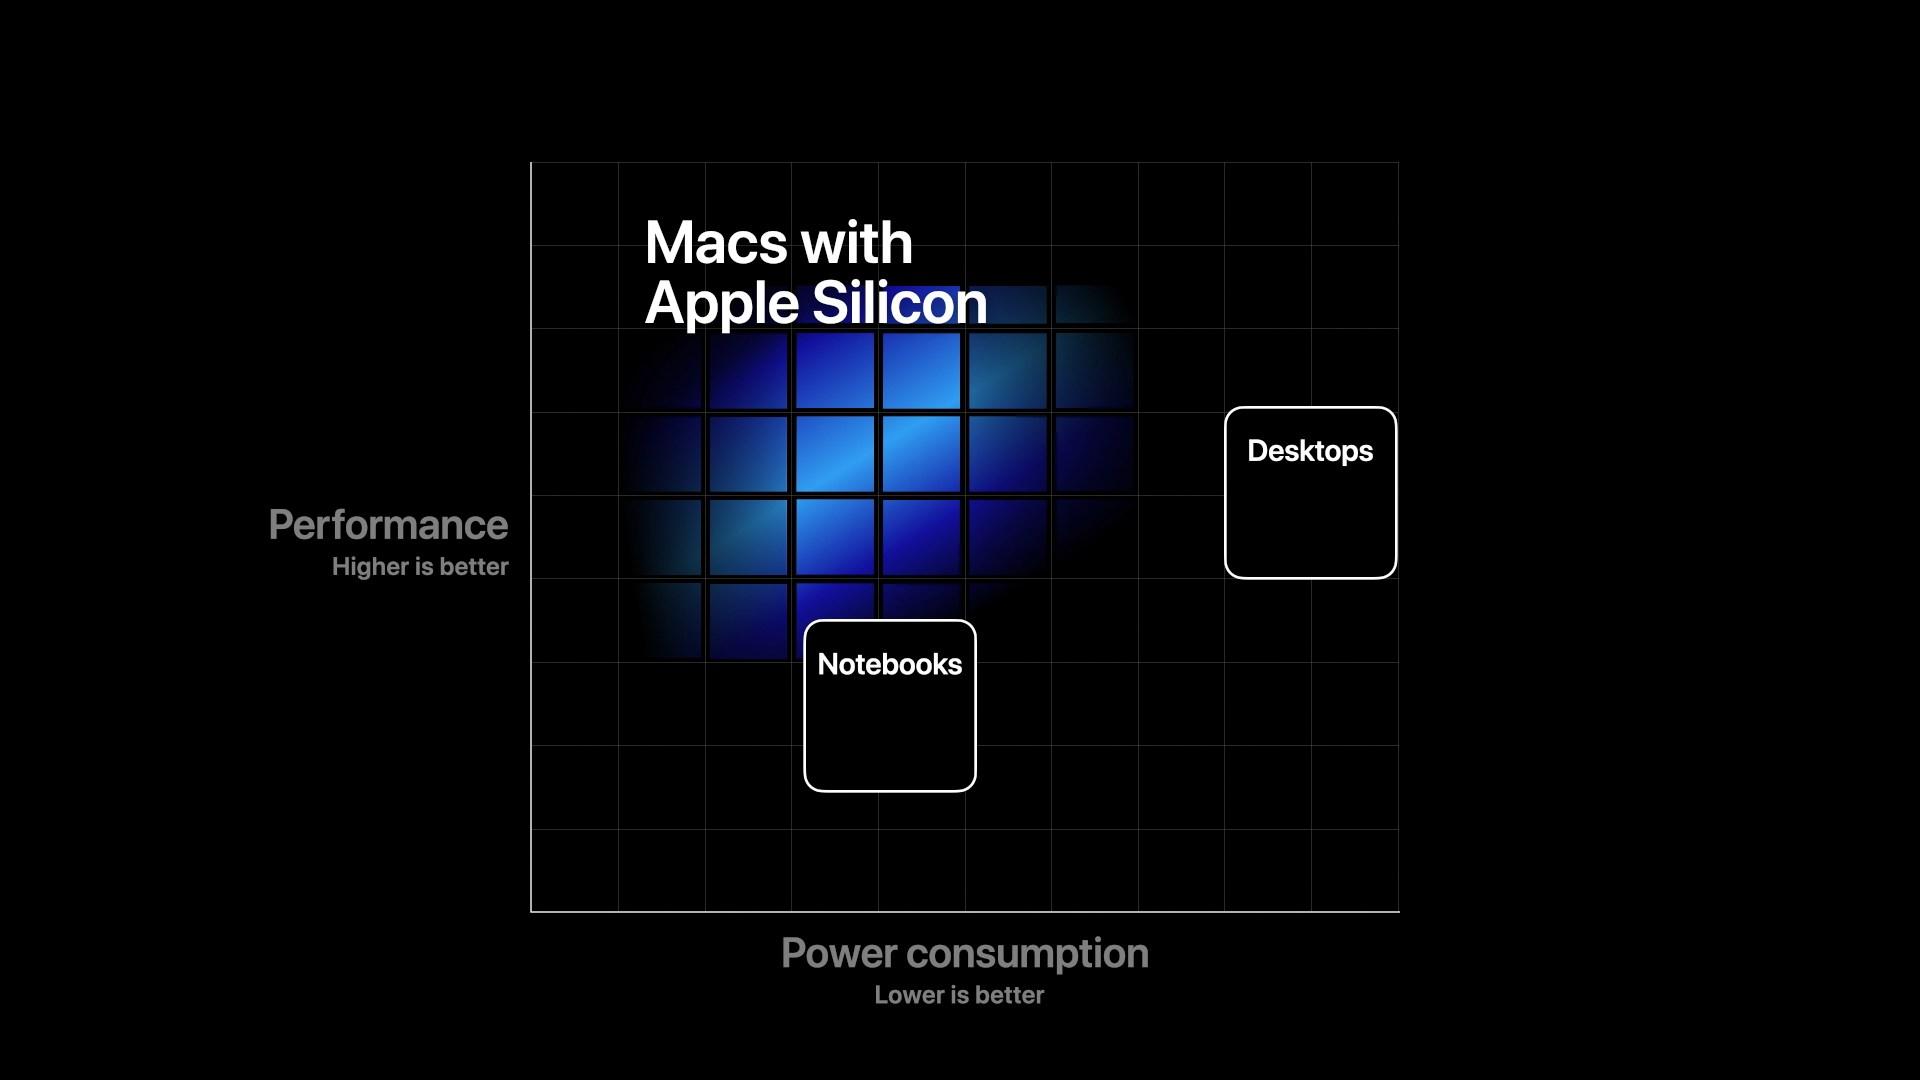 照片中提到了Macs with、Apple Silicon、Desktops,包含了蘋果矽、蘋果全球開發者大會、蘋果移動應用處理器、蘋果、蘋果機